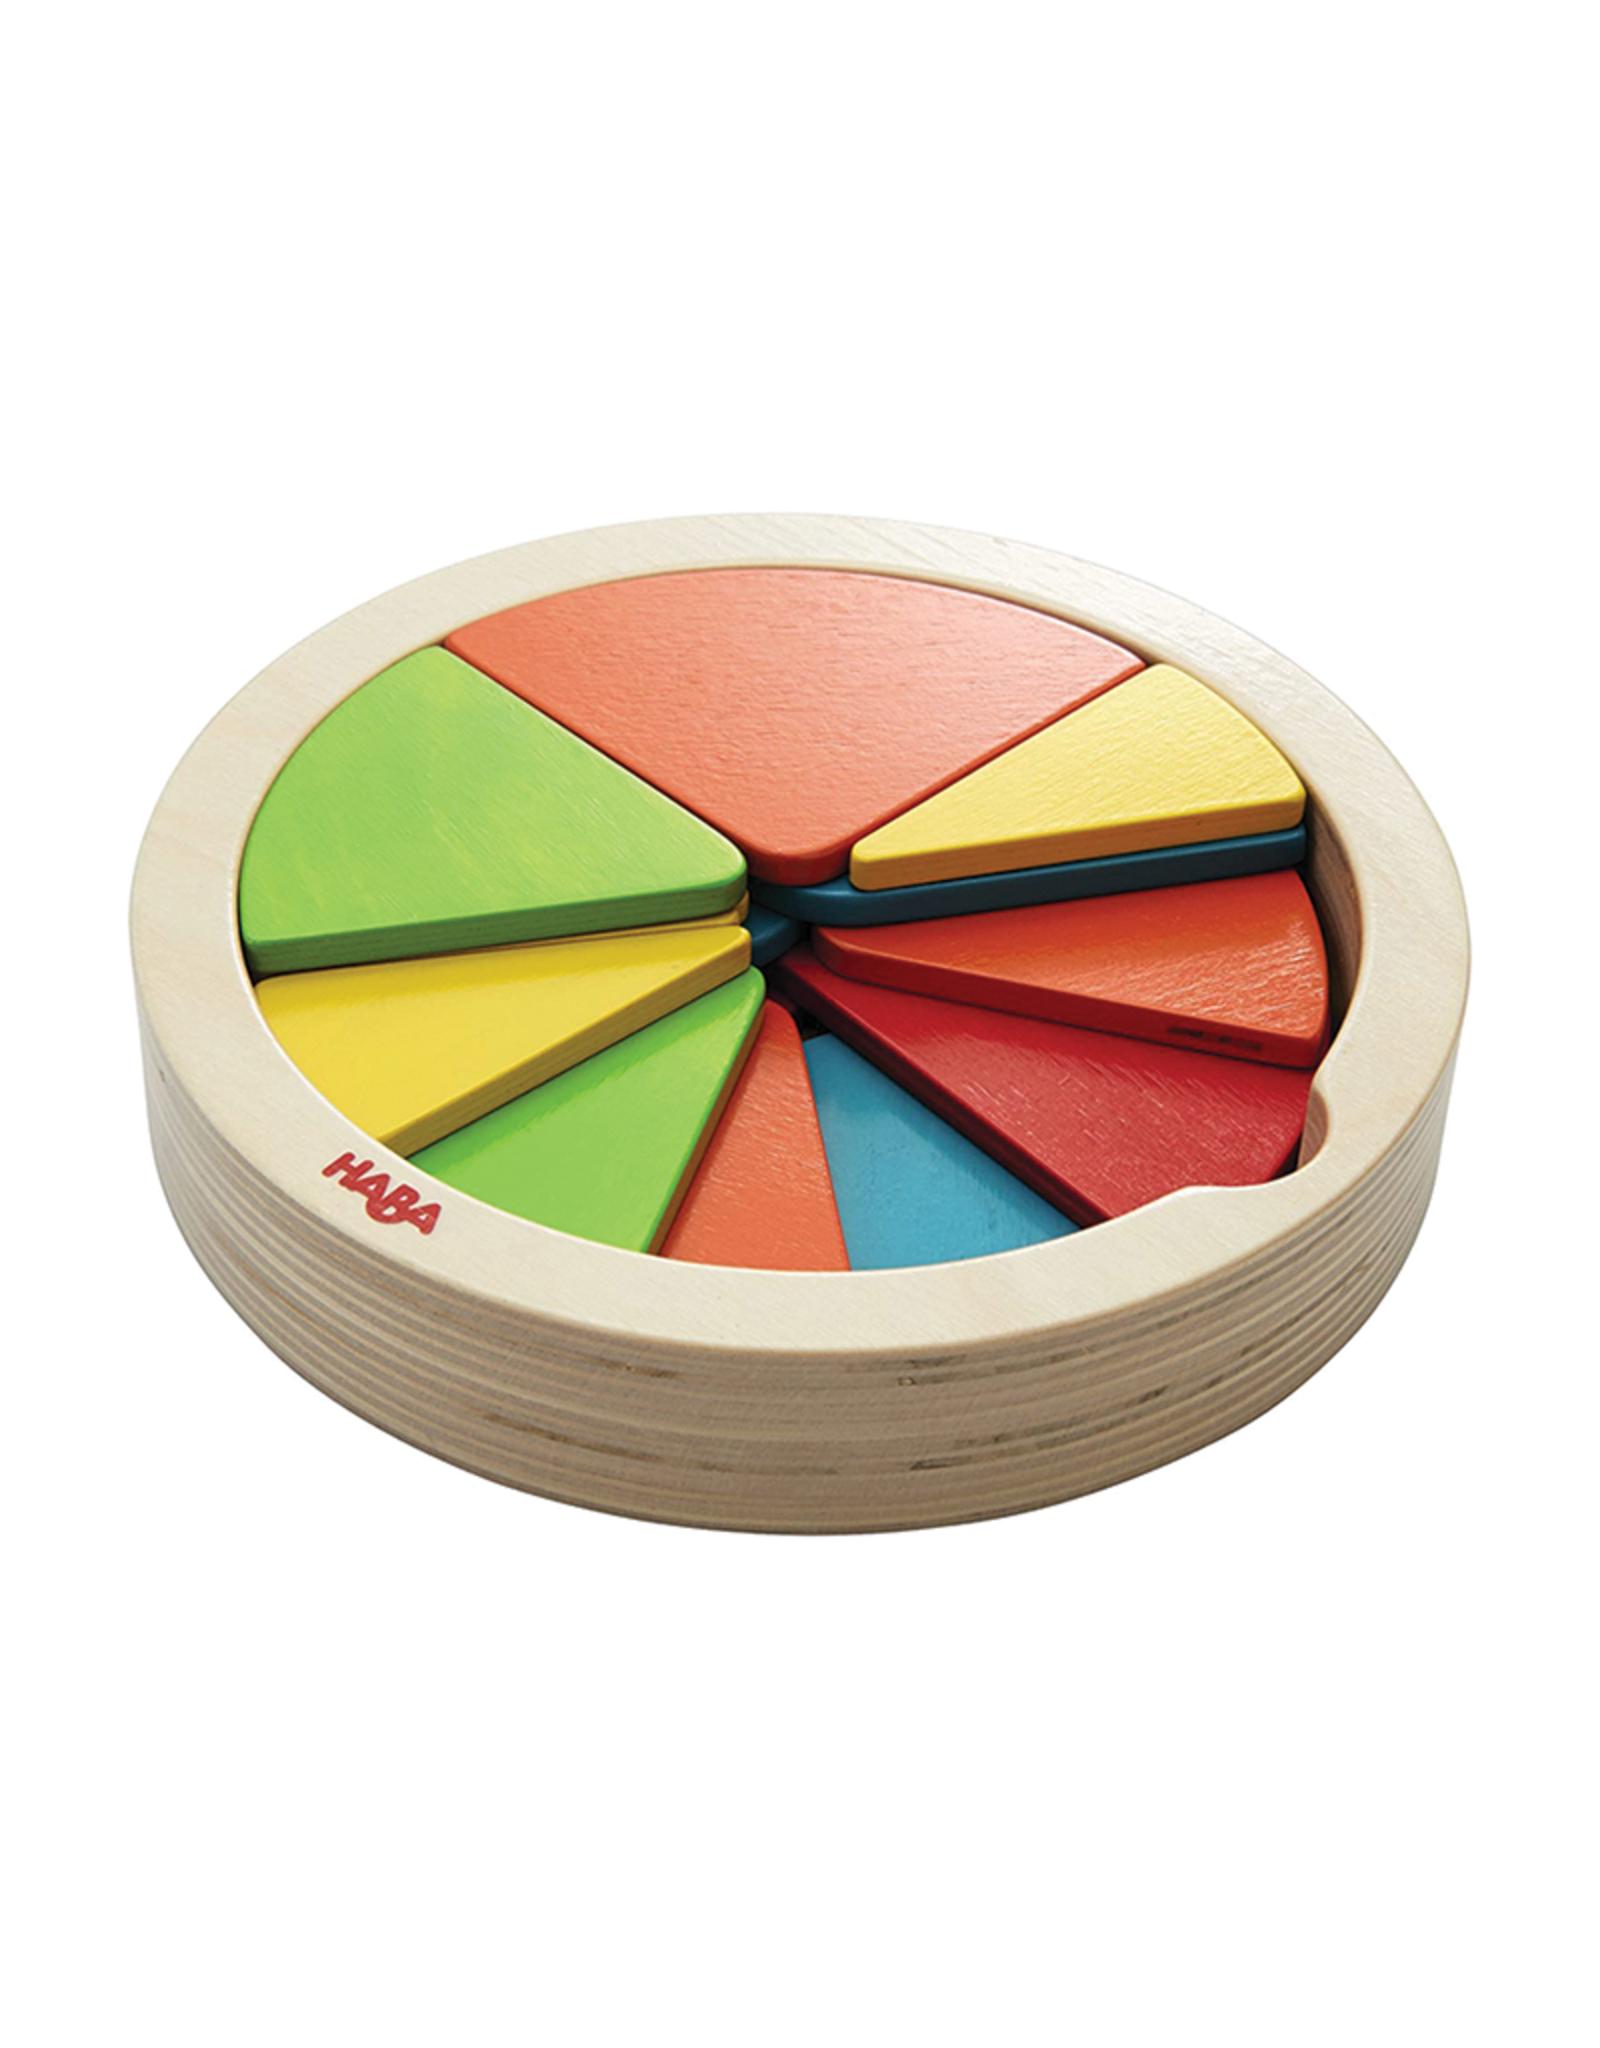 Haba Color Pie